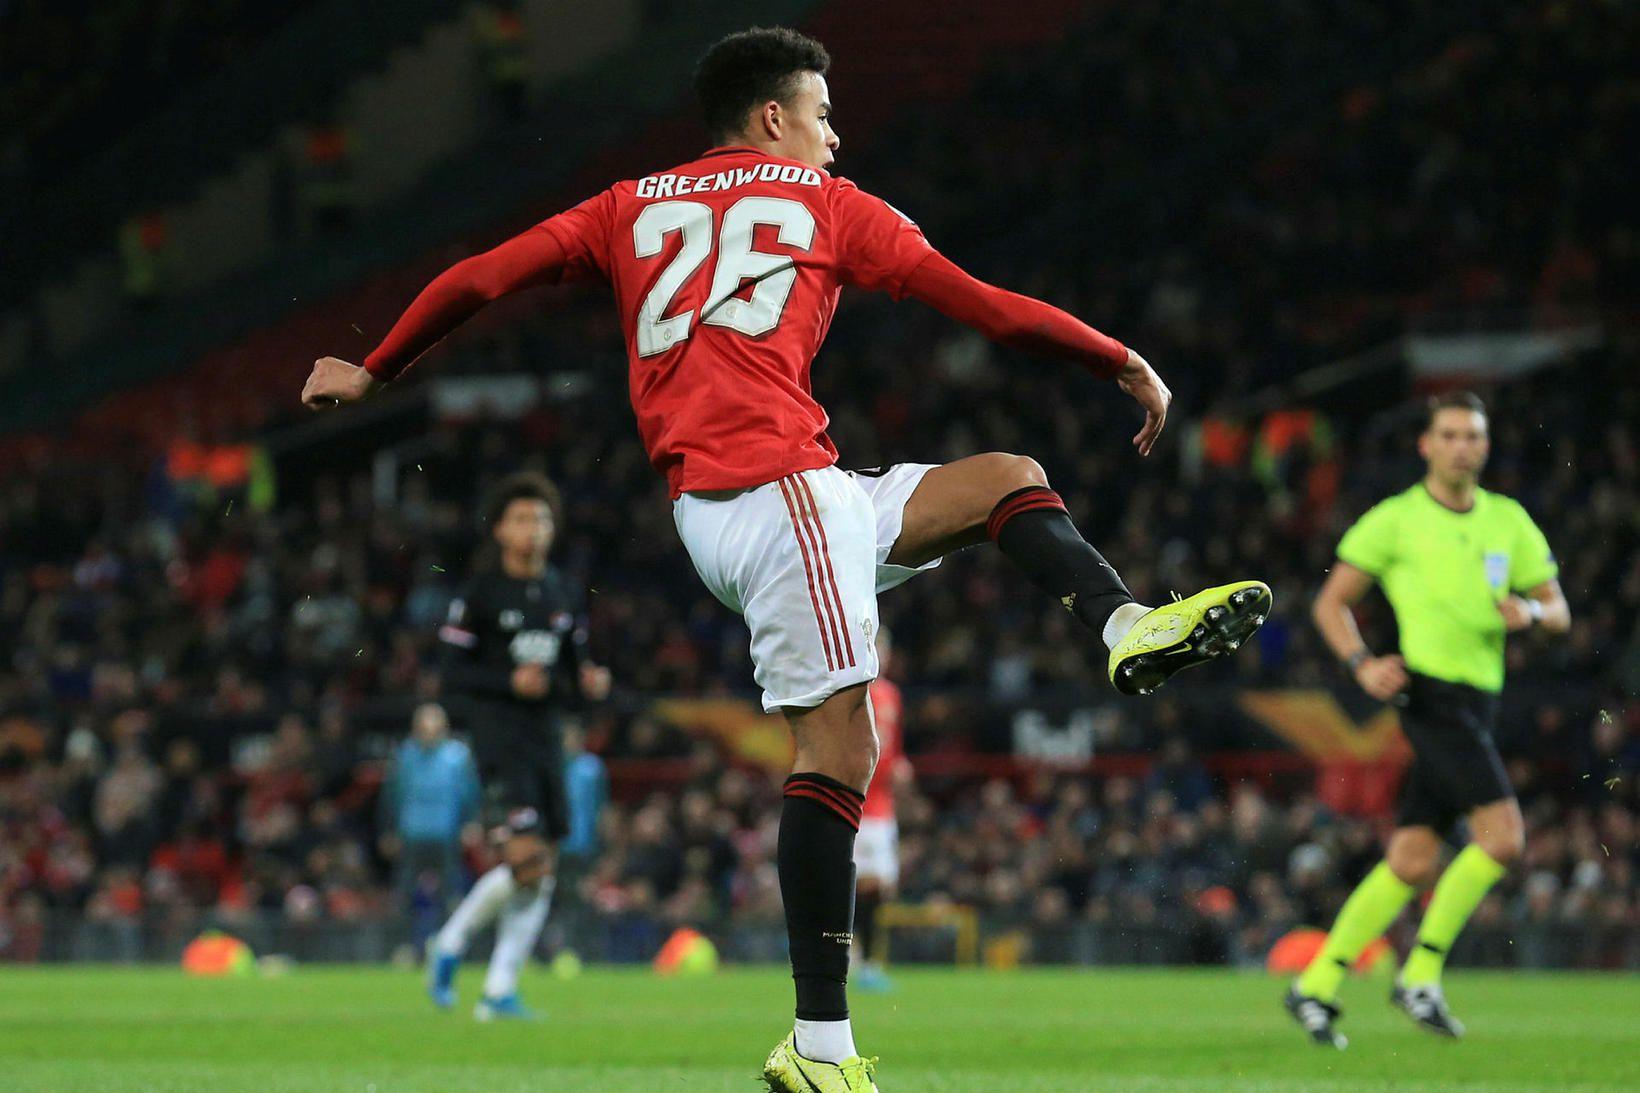 Mason Greenwood skorar fyrir Manchester United gegn AZ í Evrópudeildinni …